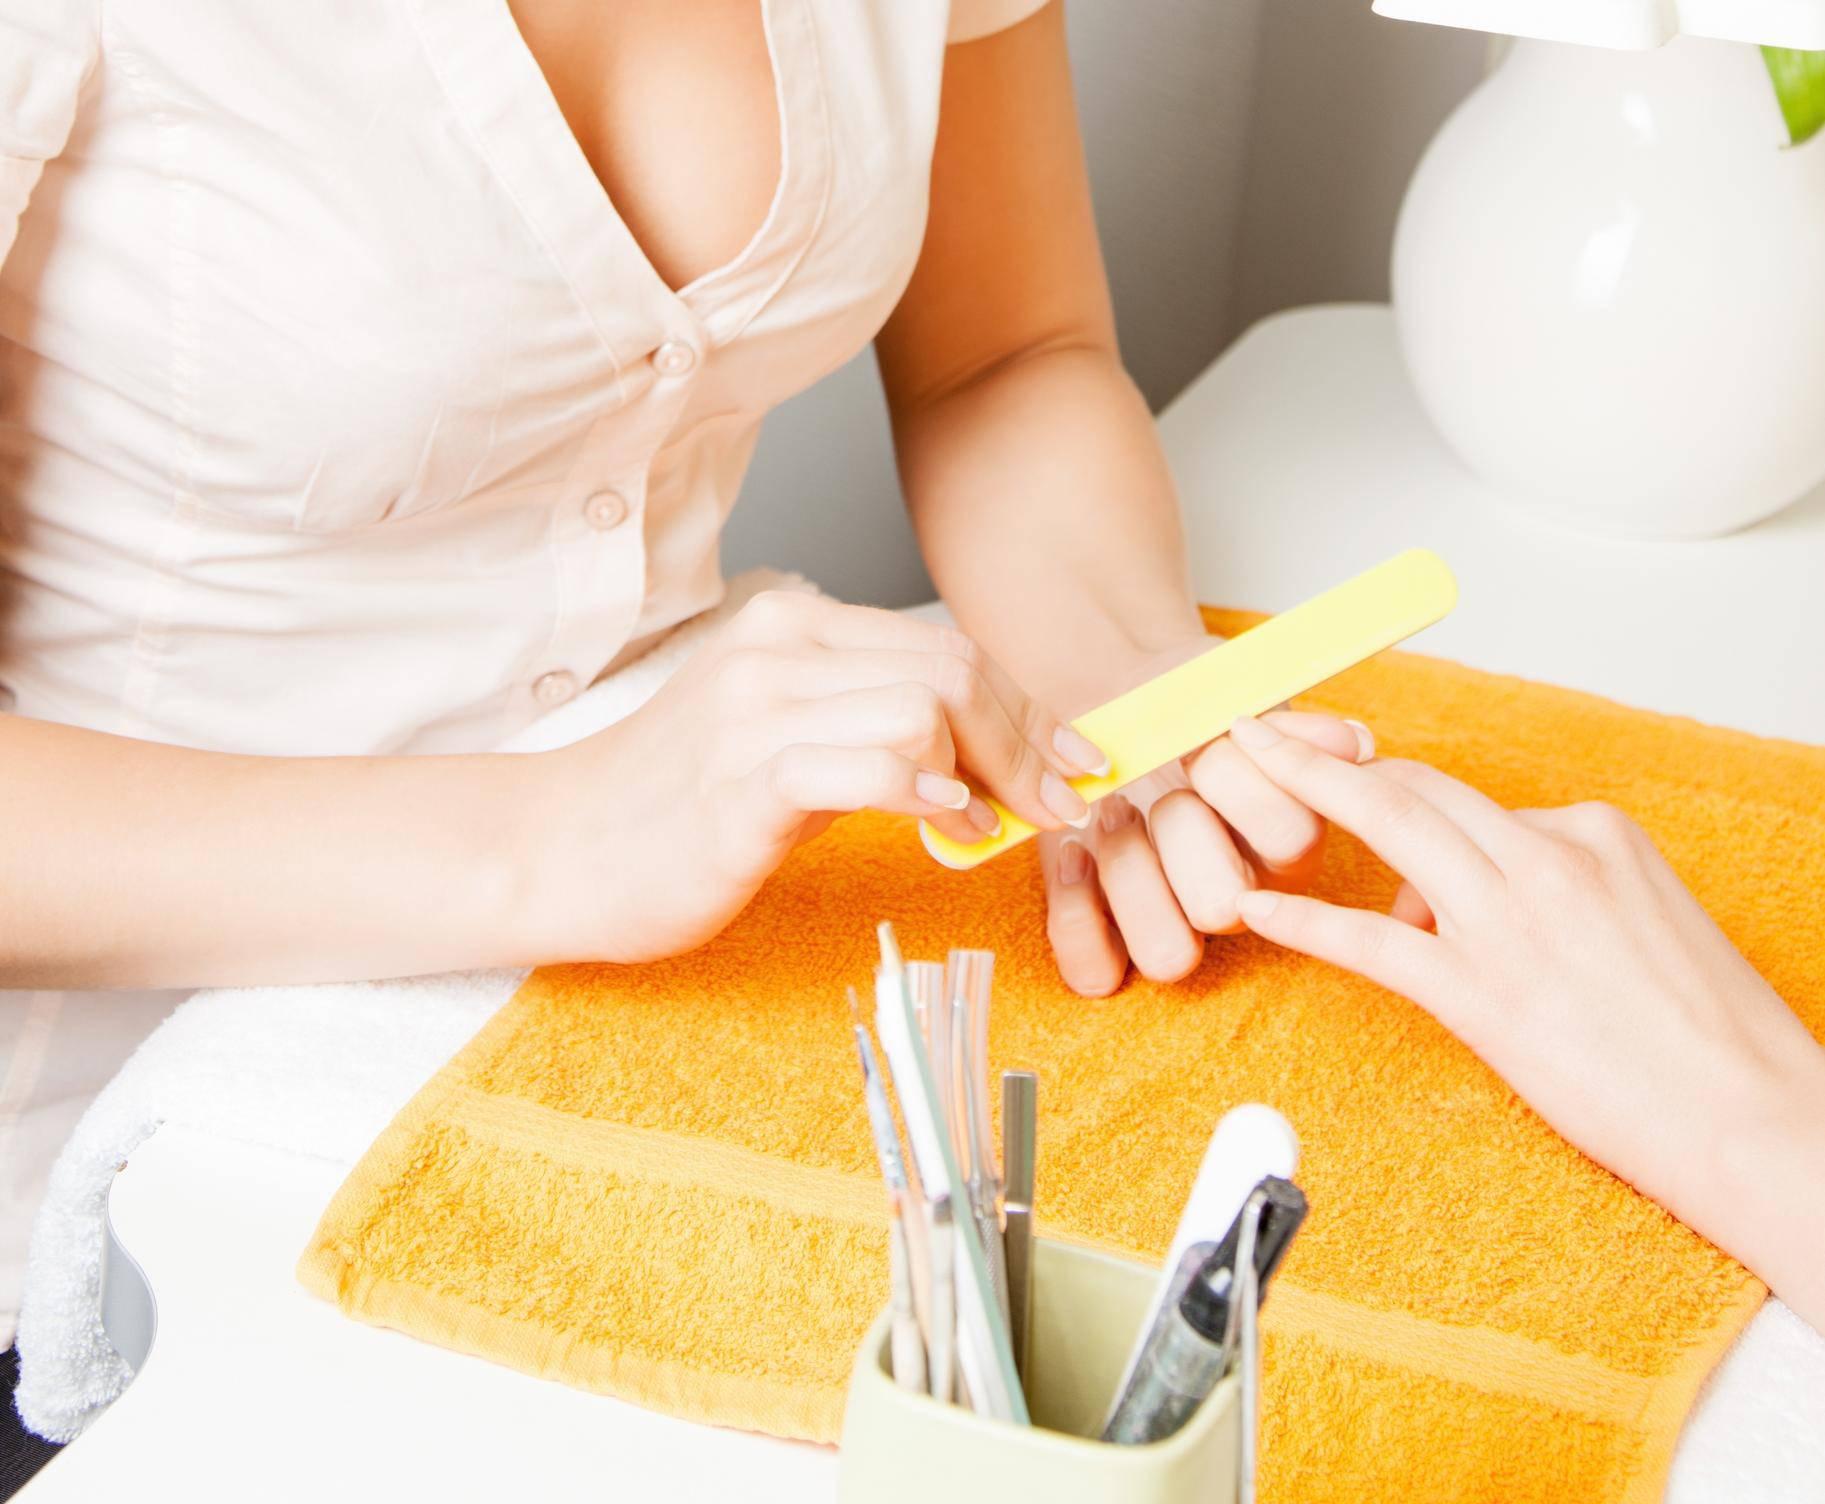 Ako vam se lak za nokte brzo ljušti, možda ih krivo njegujete